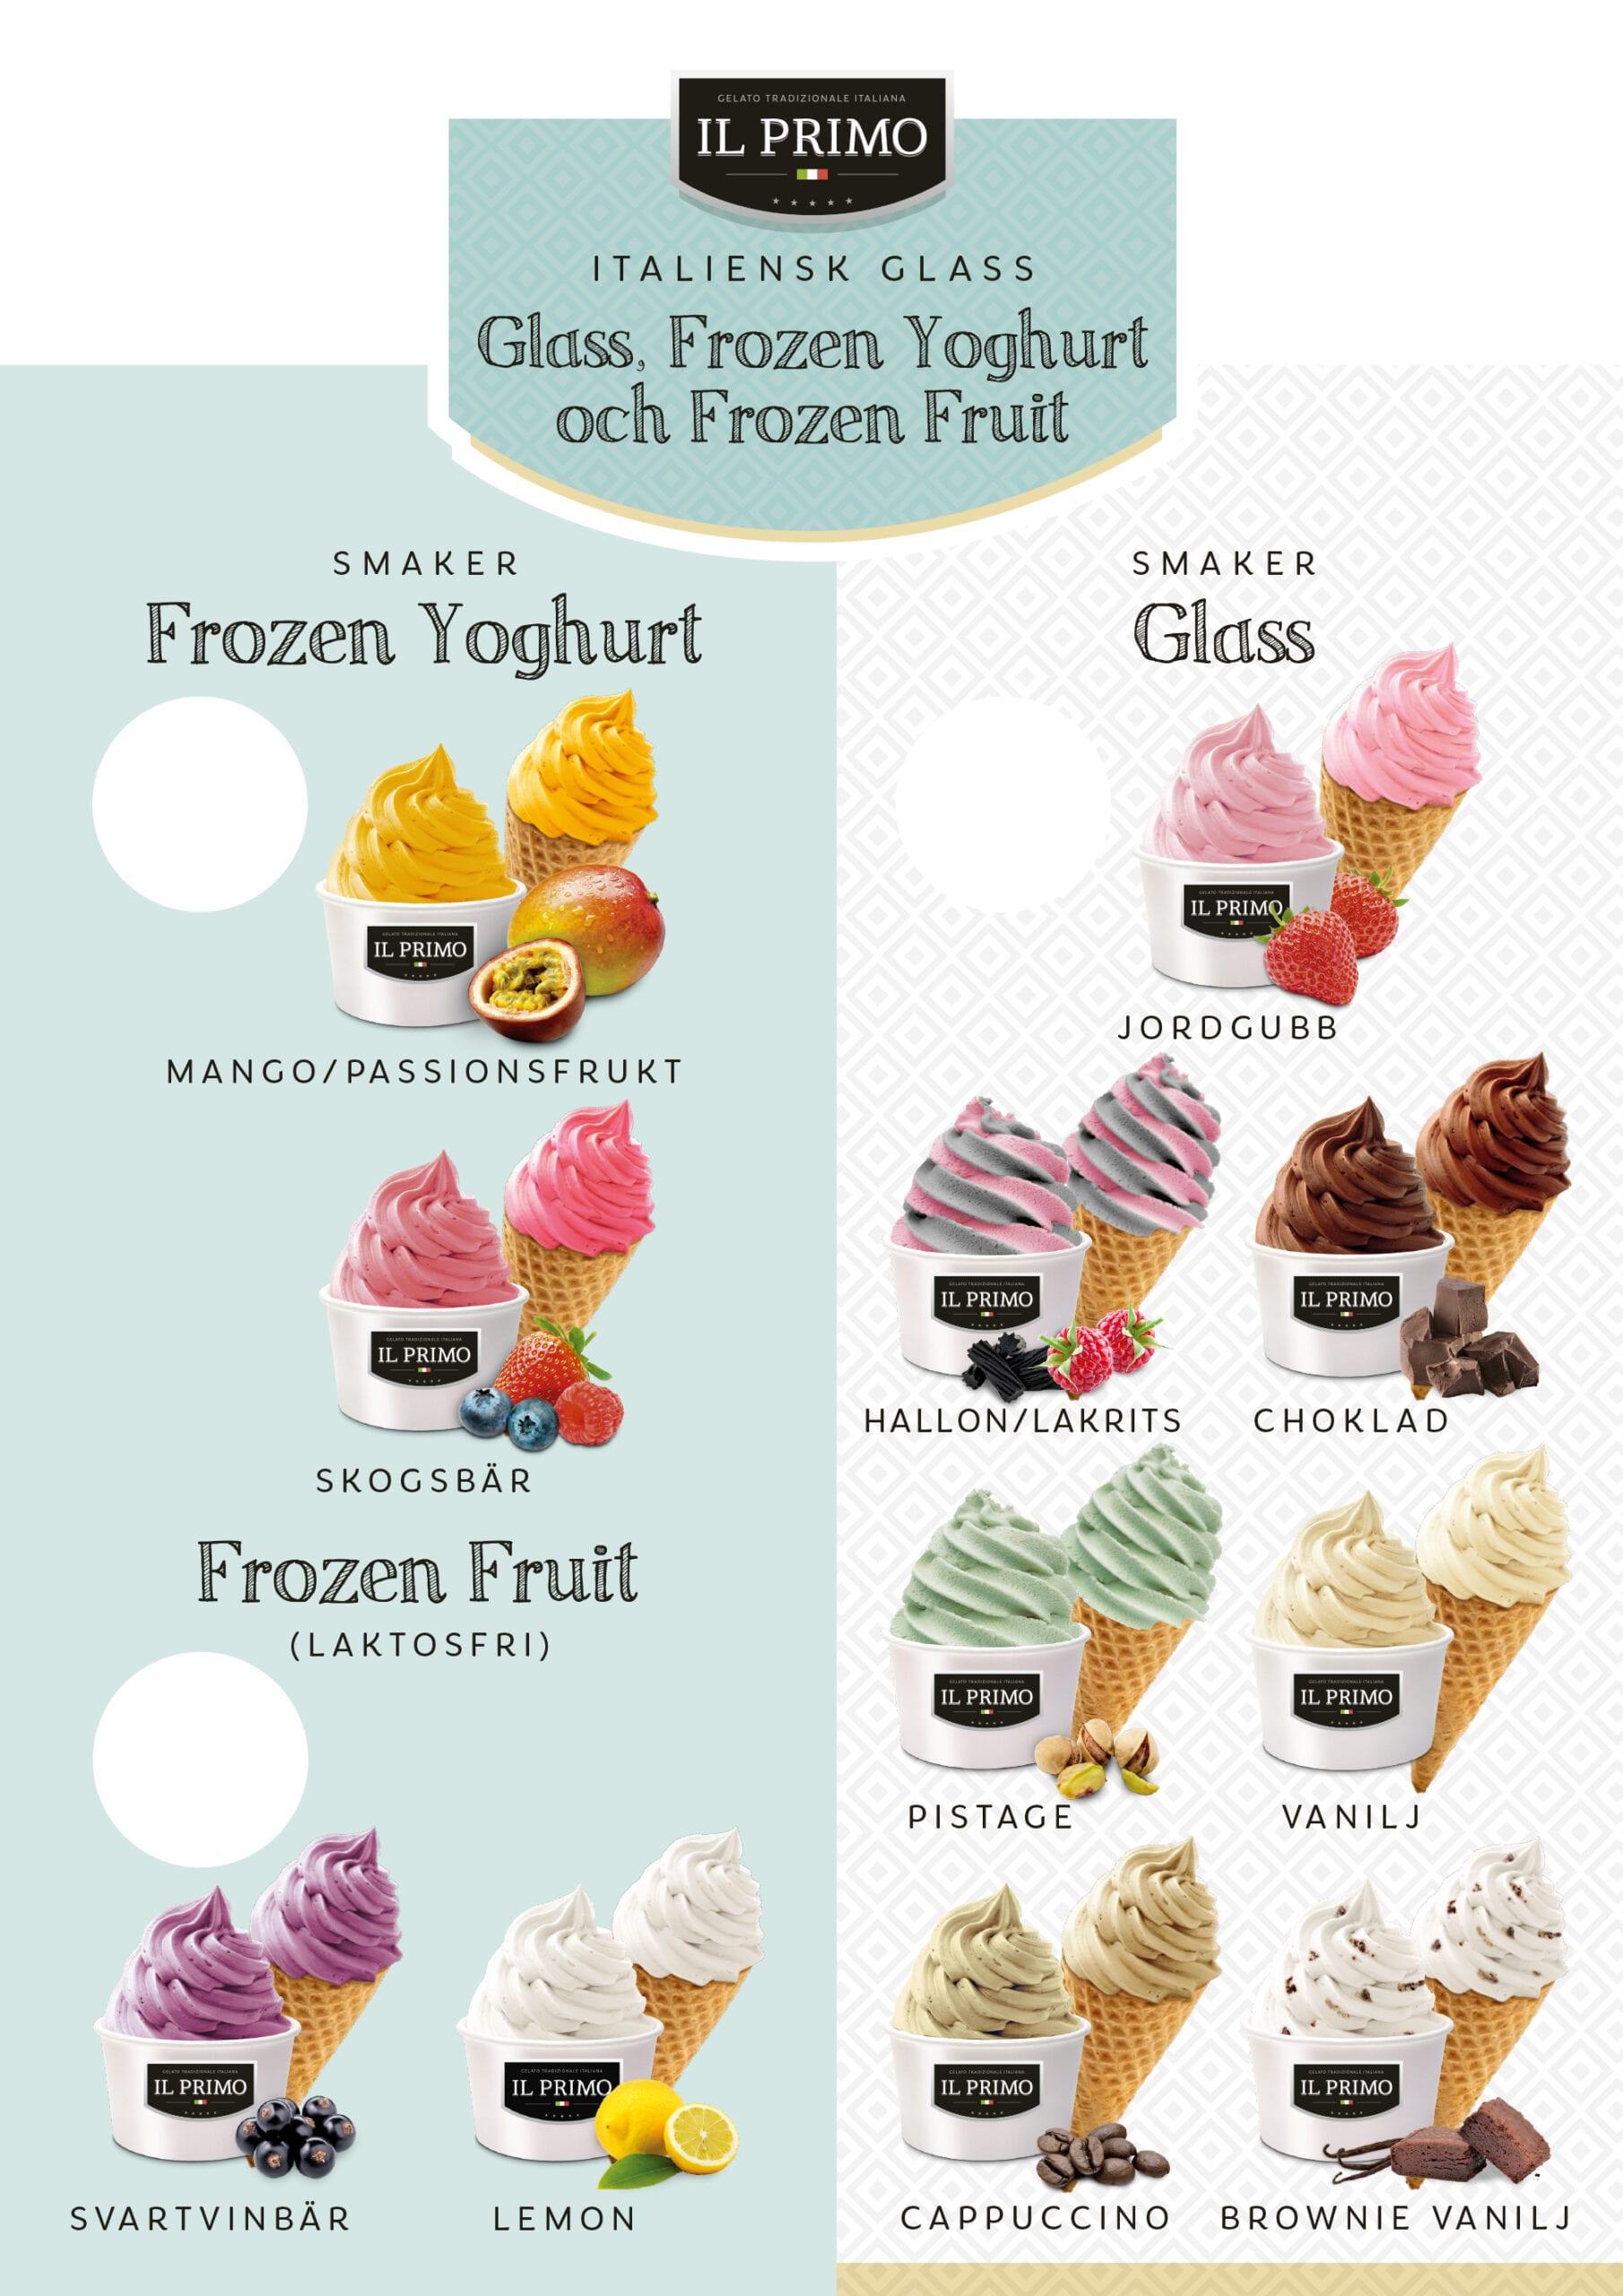 Smaker glass Malmö